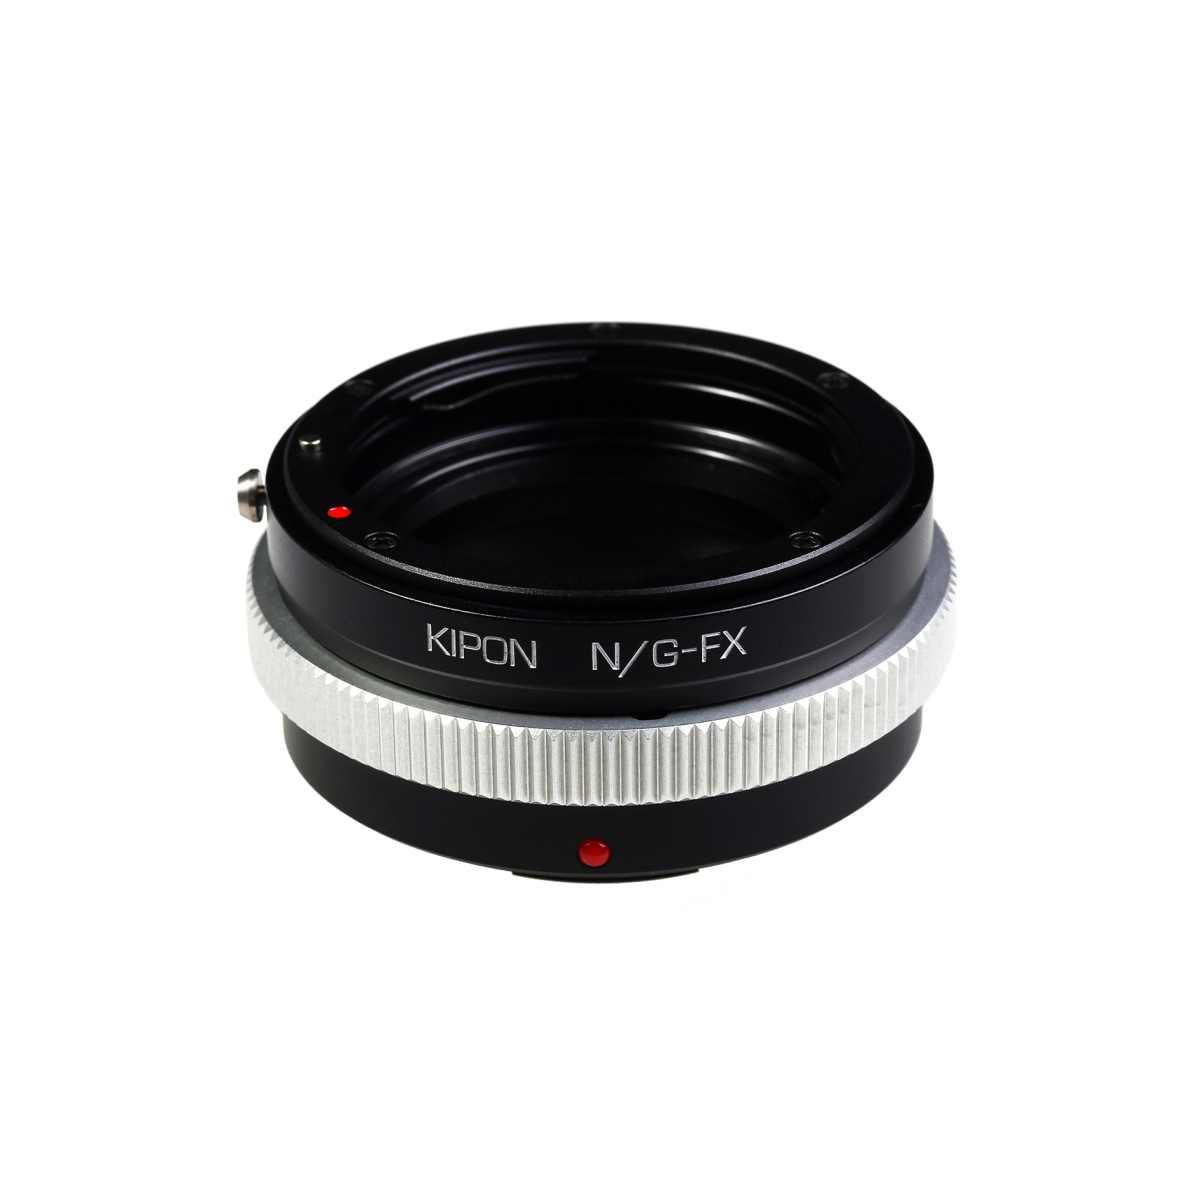 Adapter Fr Nikon G Auf Fuji X Walimex Shop Sterreich Kipon Lens To Fujifilm Gfx Camera